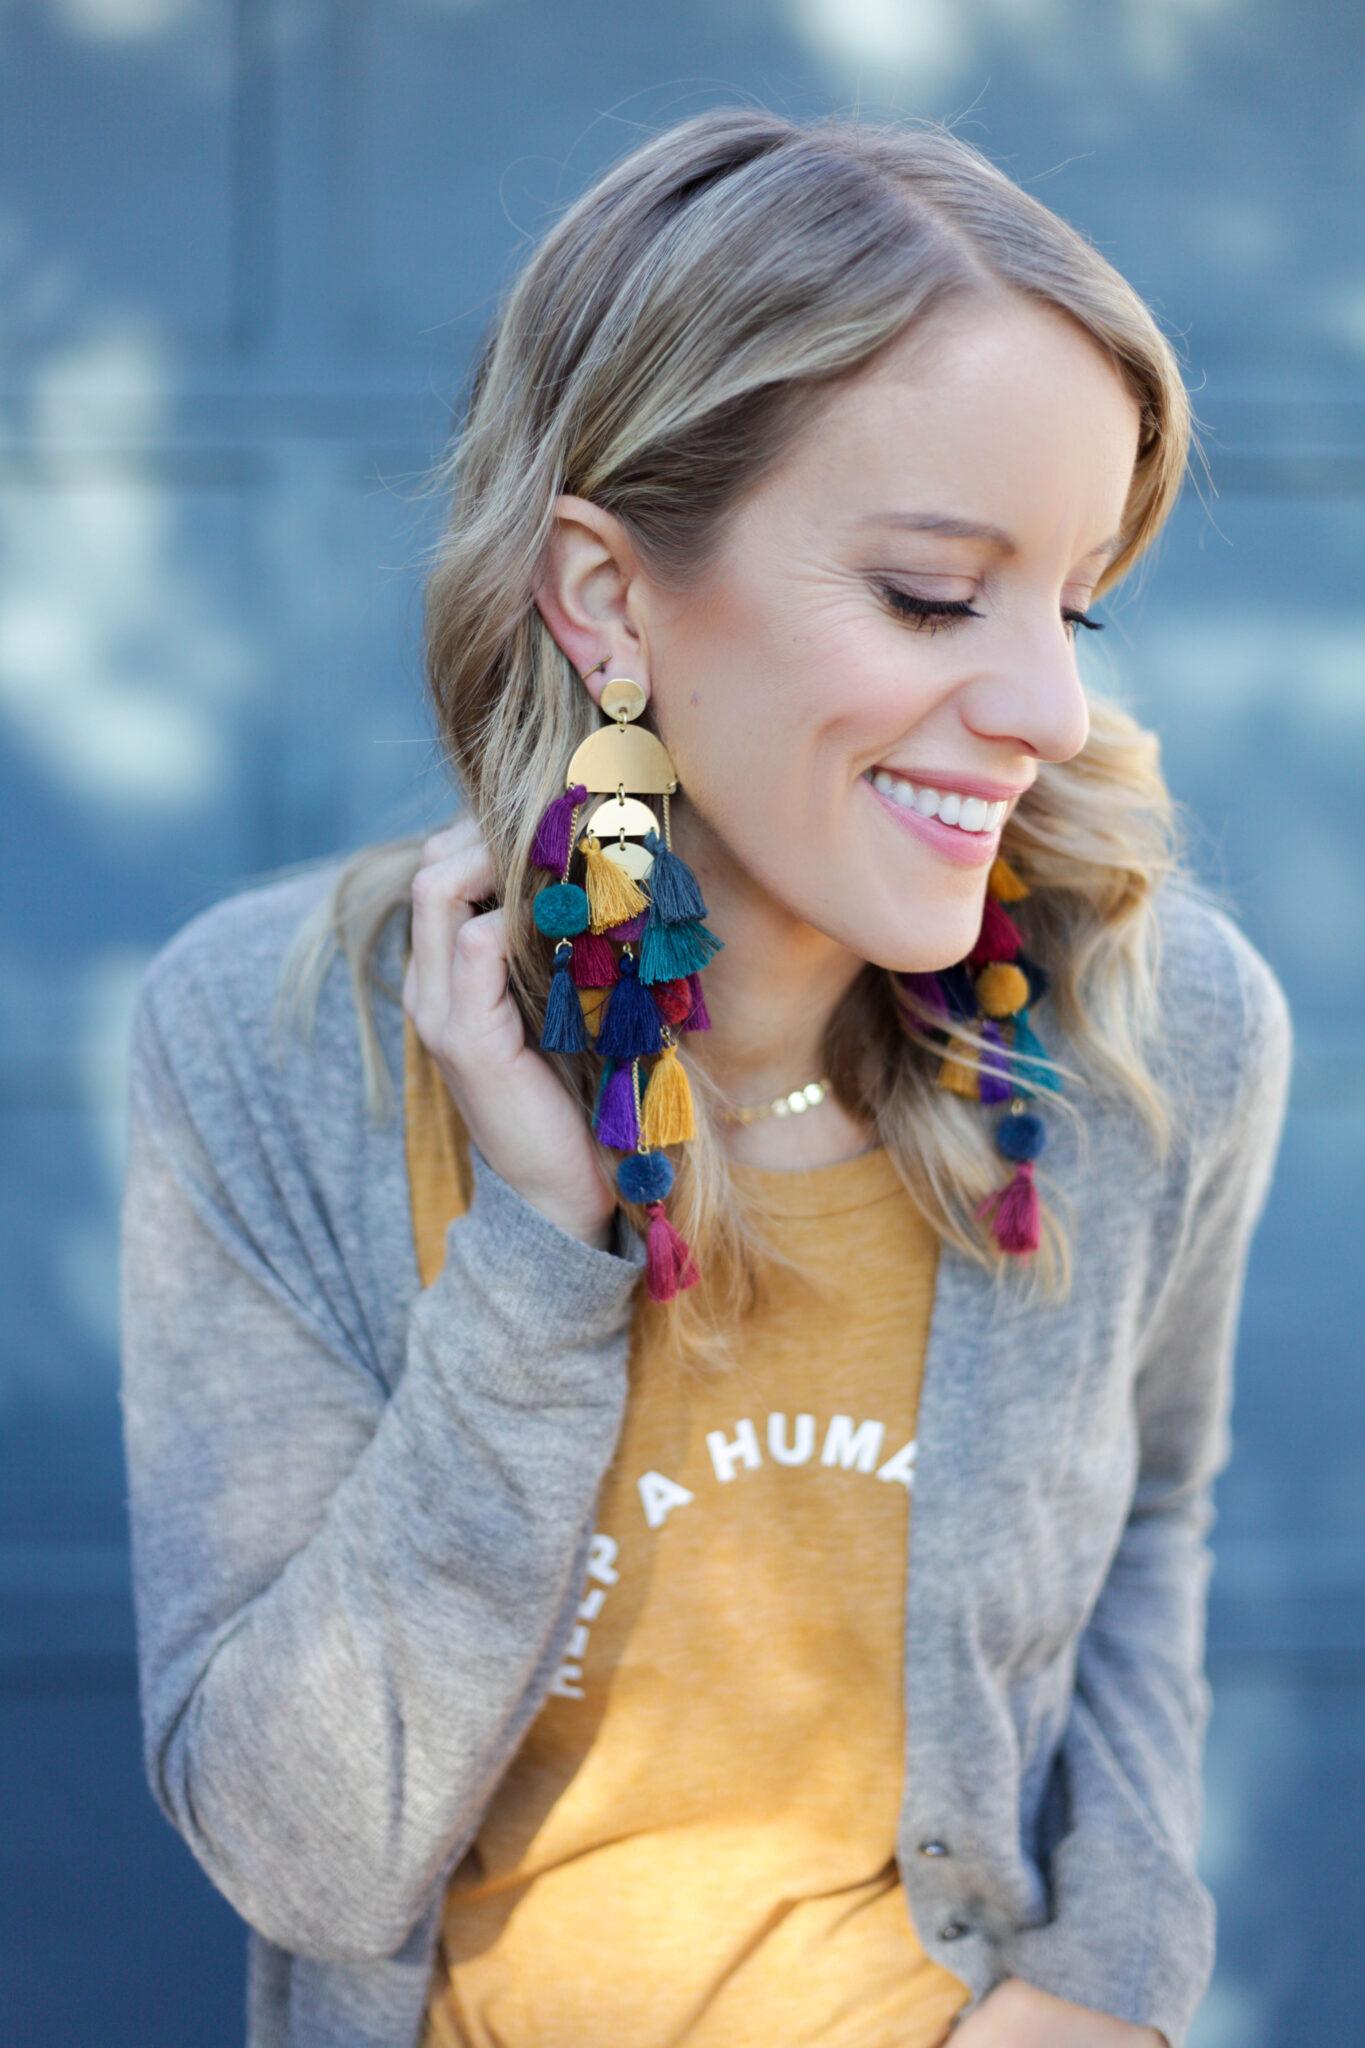 Fall color tassel earrings #earrings #tassels #tasselearrings